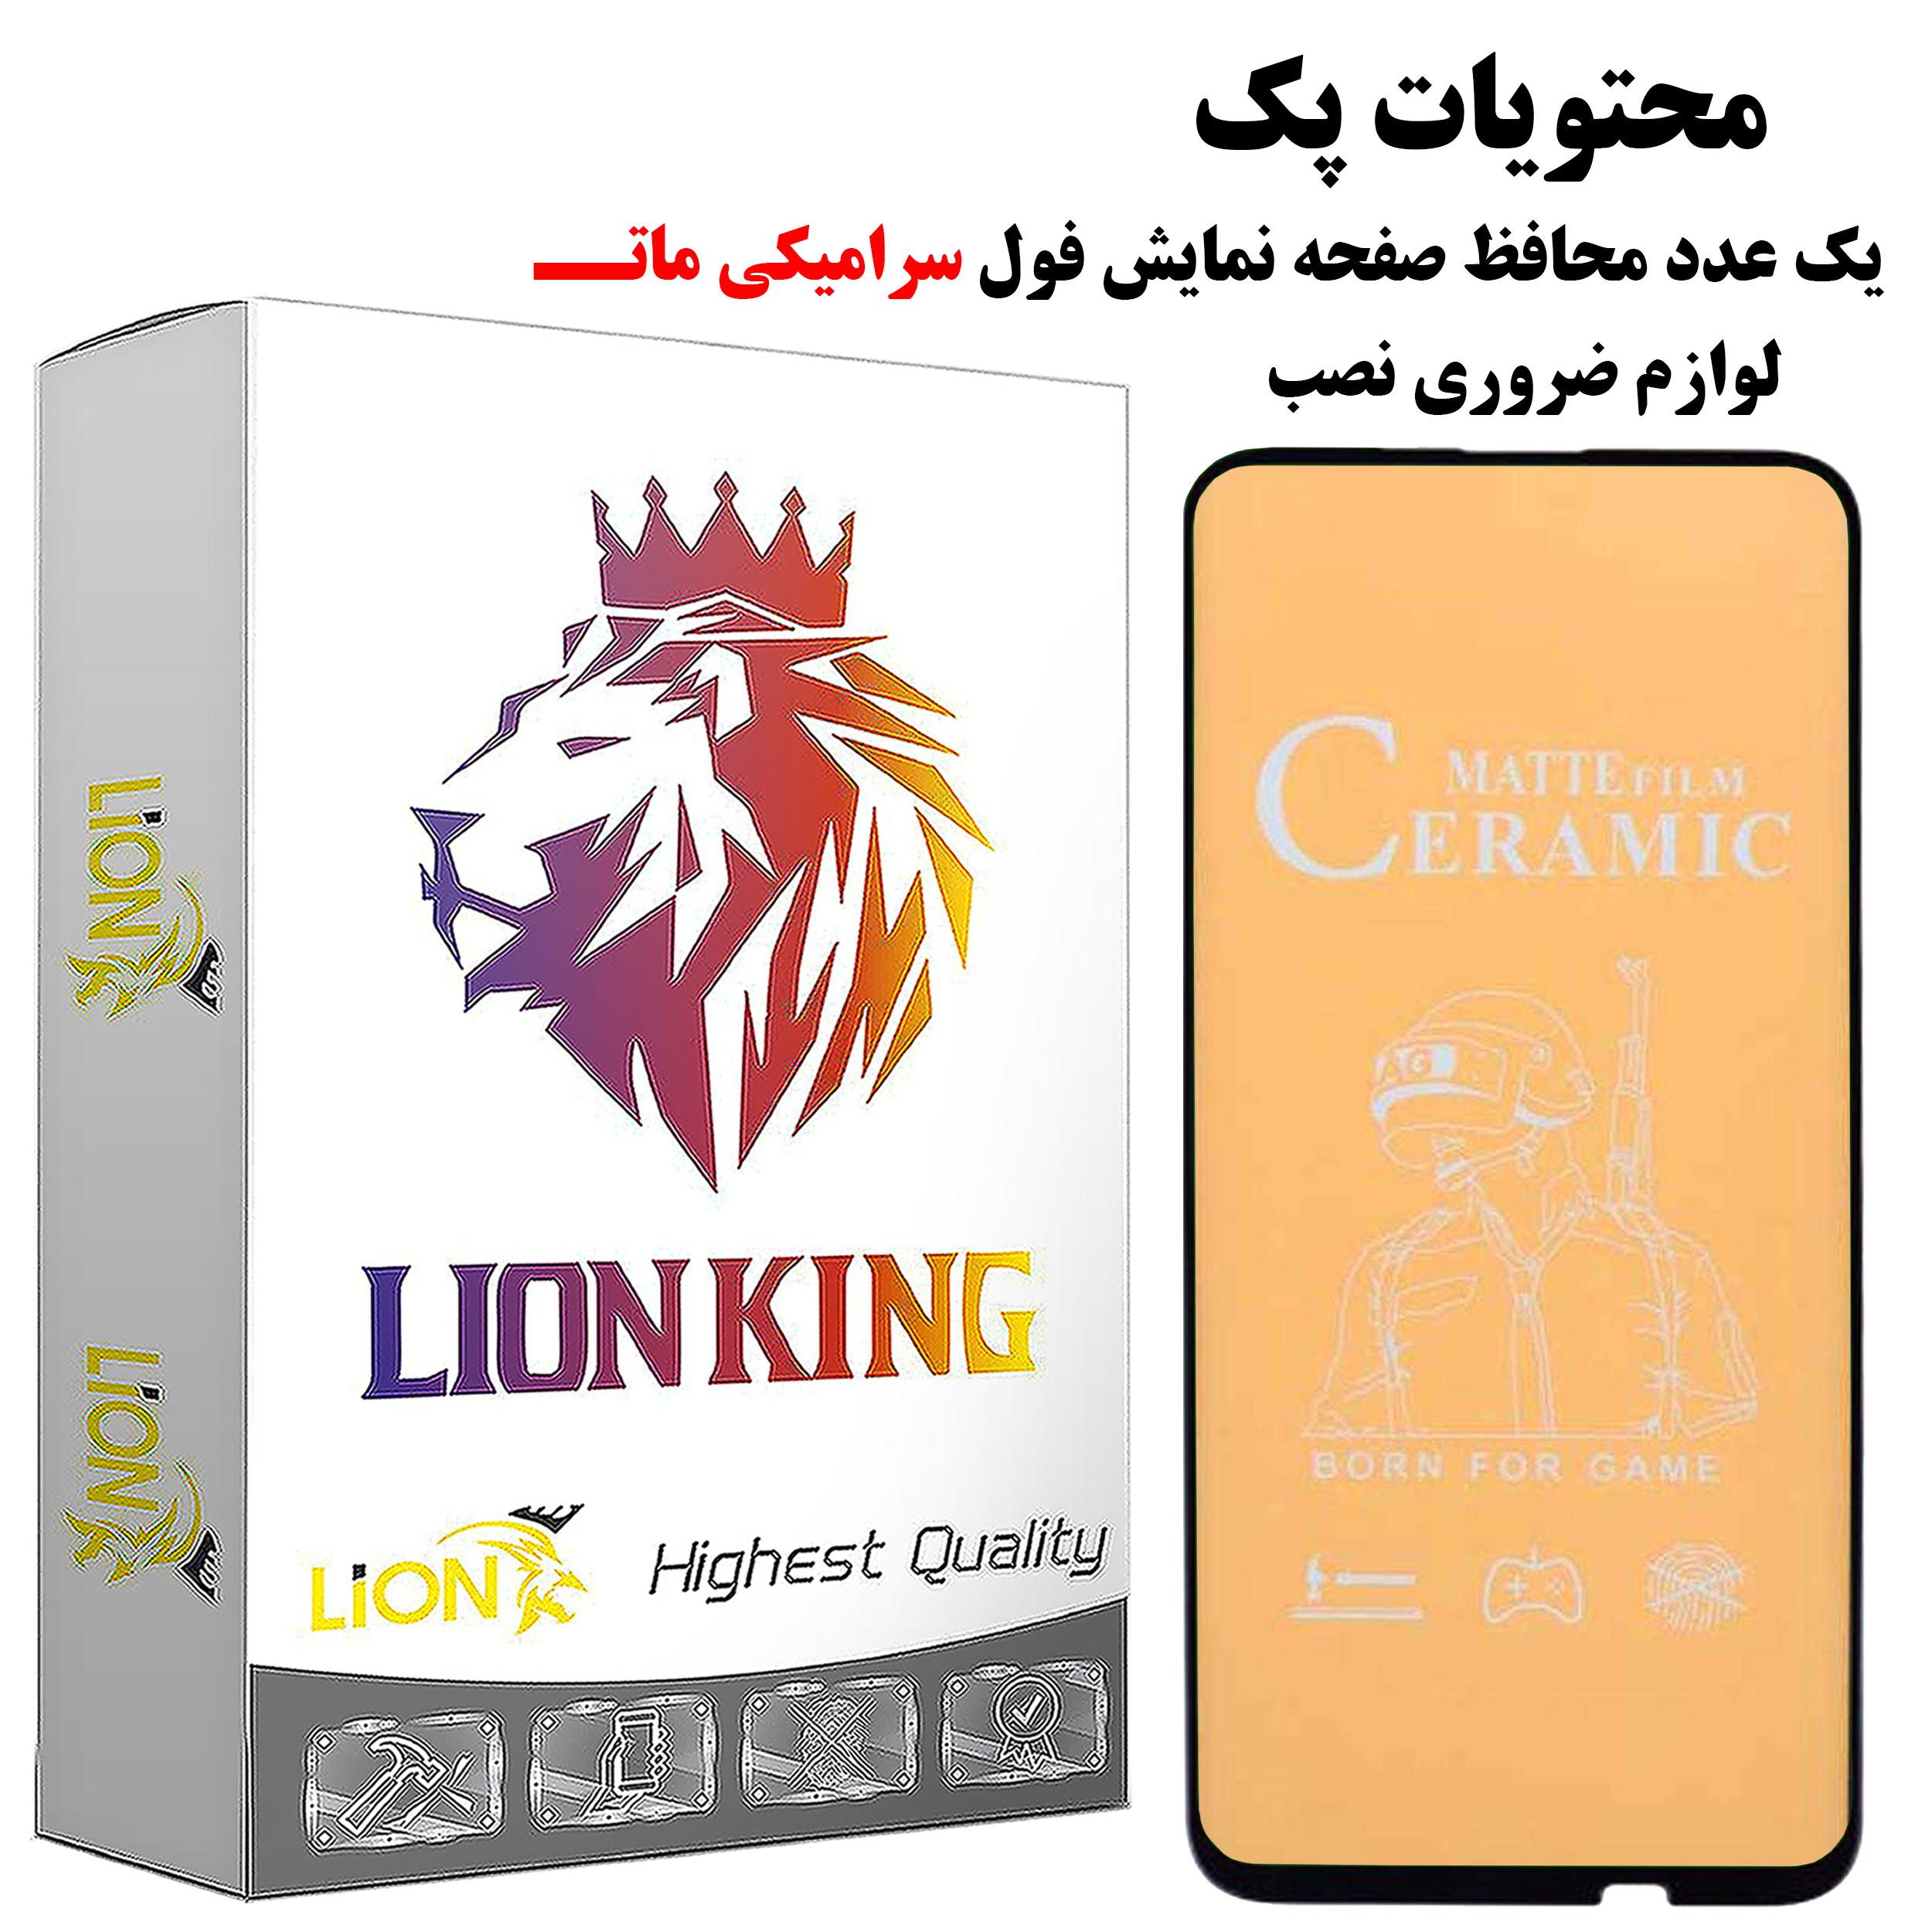 محافظ صفحه نمایش مات لاین کینگ مدل LKFCM مناسب برای گوشی موبایل هوآوی Y9s/ Y9 Prime 2019 / آنر 9X main 1 1